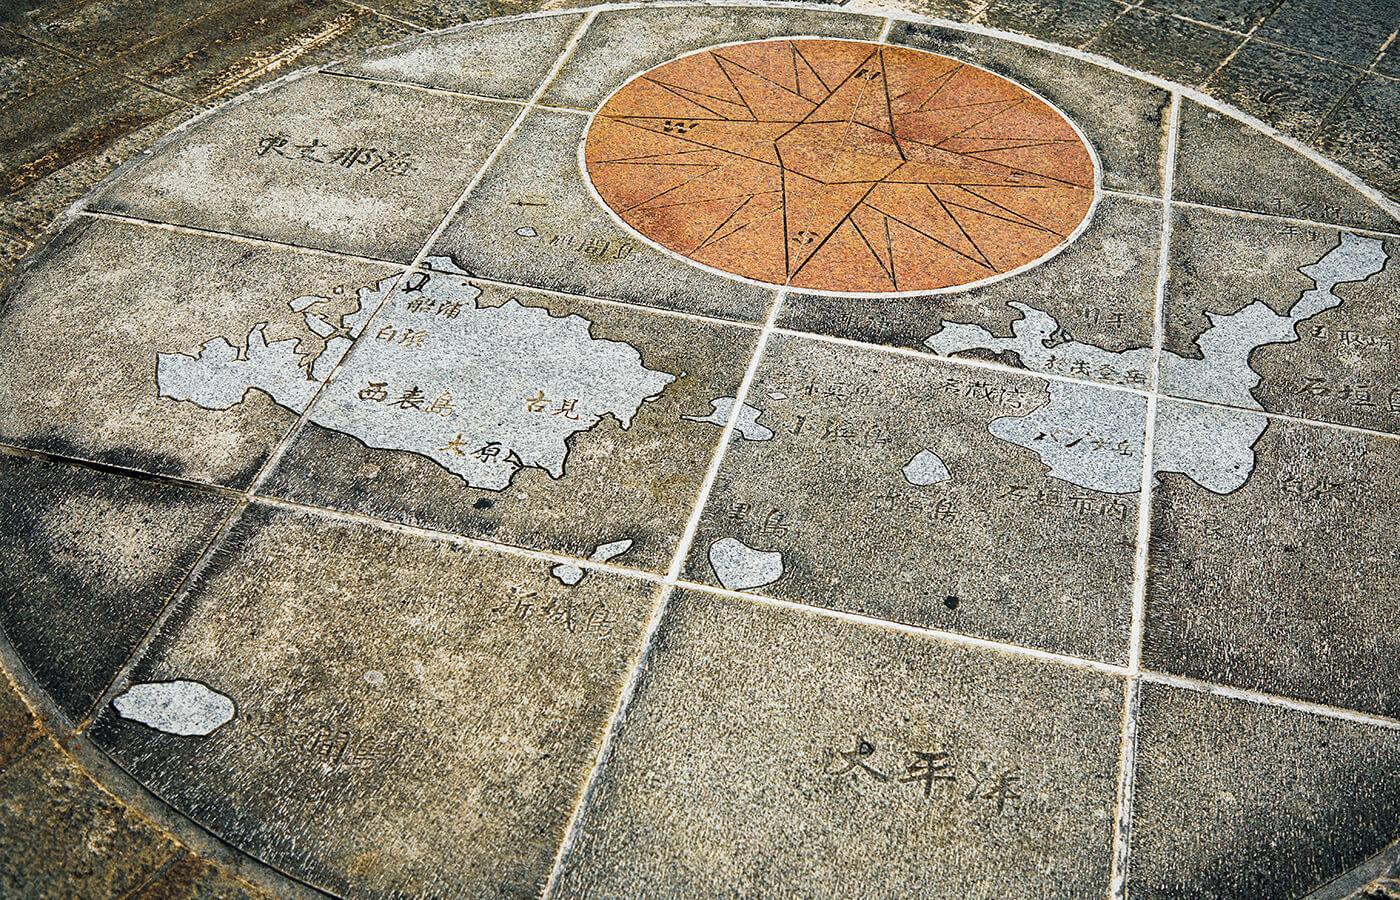 八重山諸島を俯瞰した図。沖縄本島から400㎞ほど離れた日本最南西端の島々。玄関口となる石垣島をはじめとした有人島と周辺の無人島からなる。有人島としては日本最南端の波照間島、日本最西端の与那国島がある。